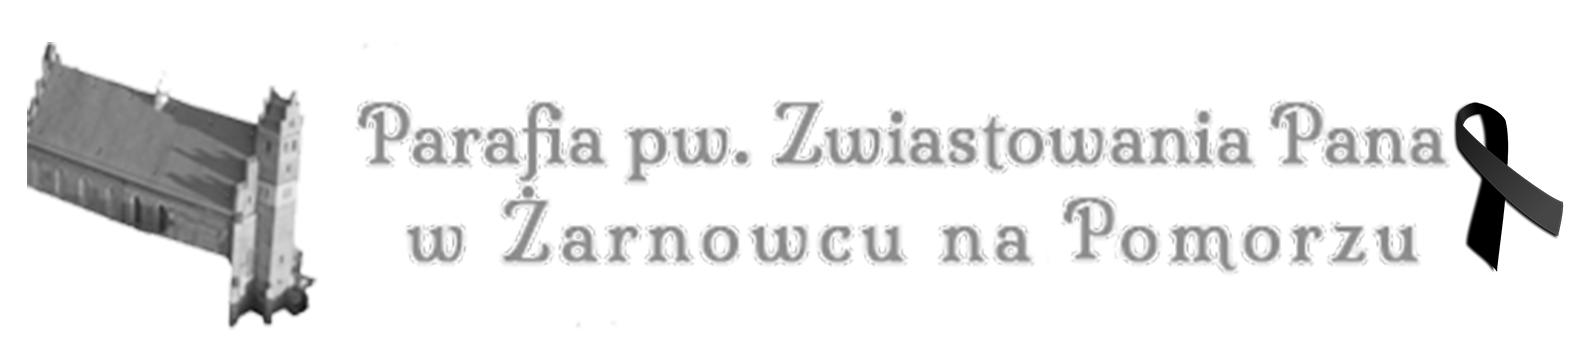 Parafia pw. Zwiastowania Pana